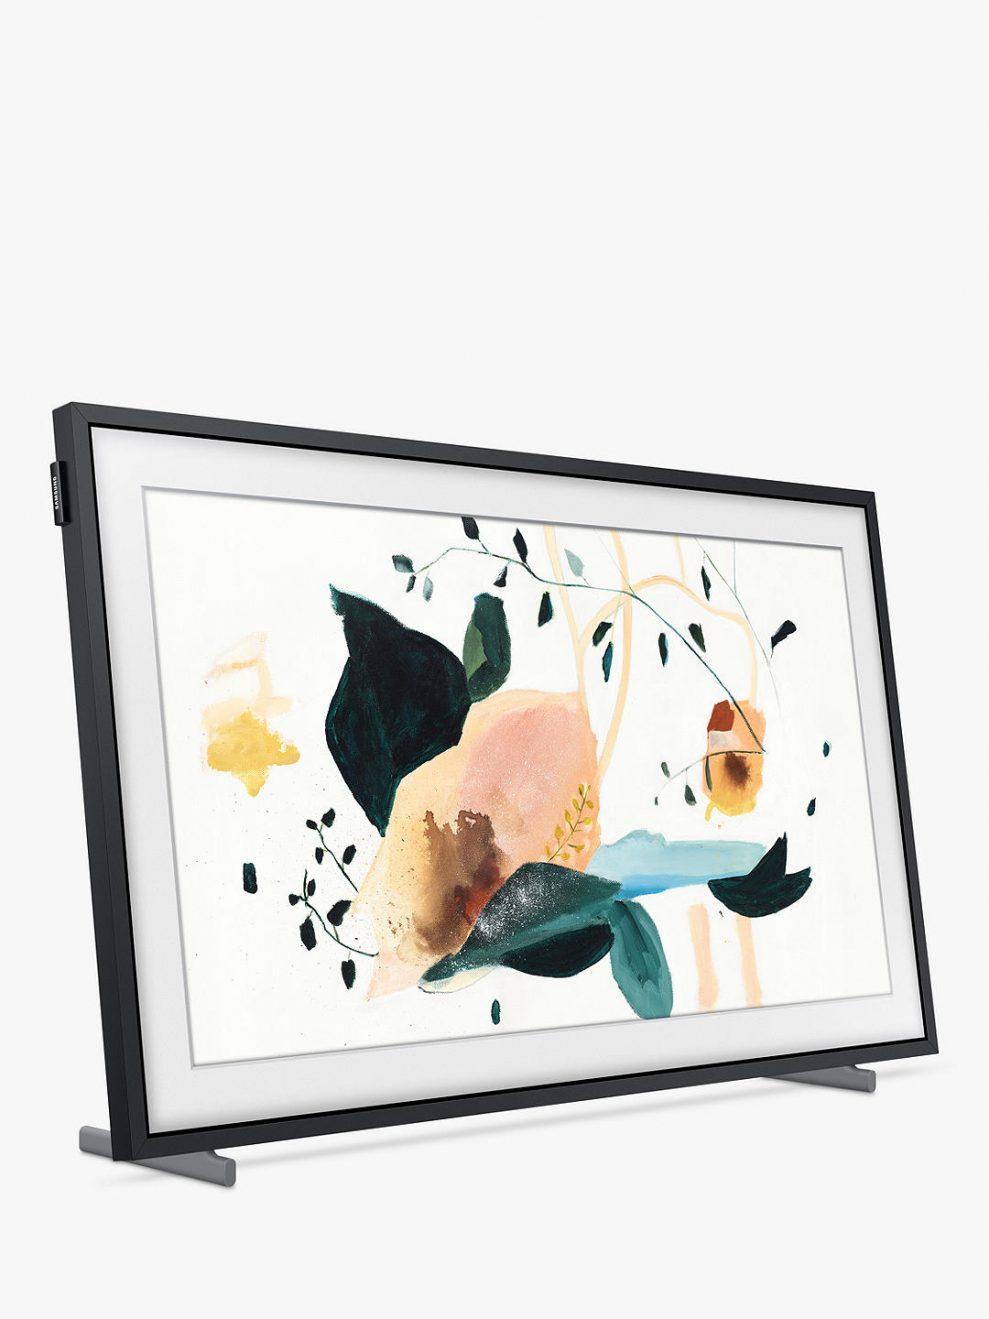 Samsung The Frame tilted 2